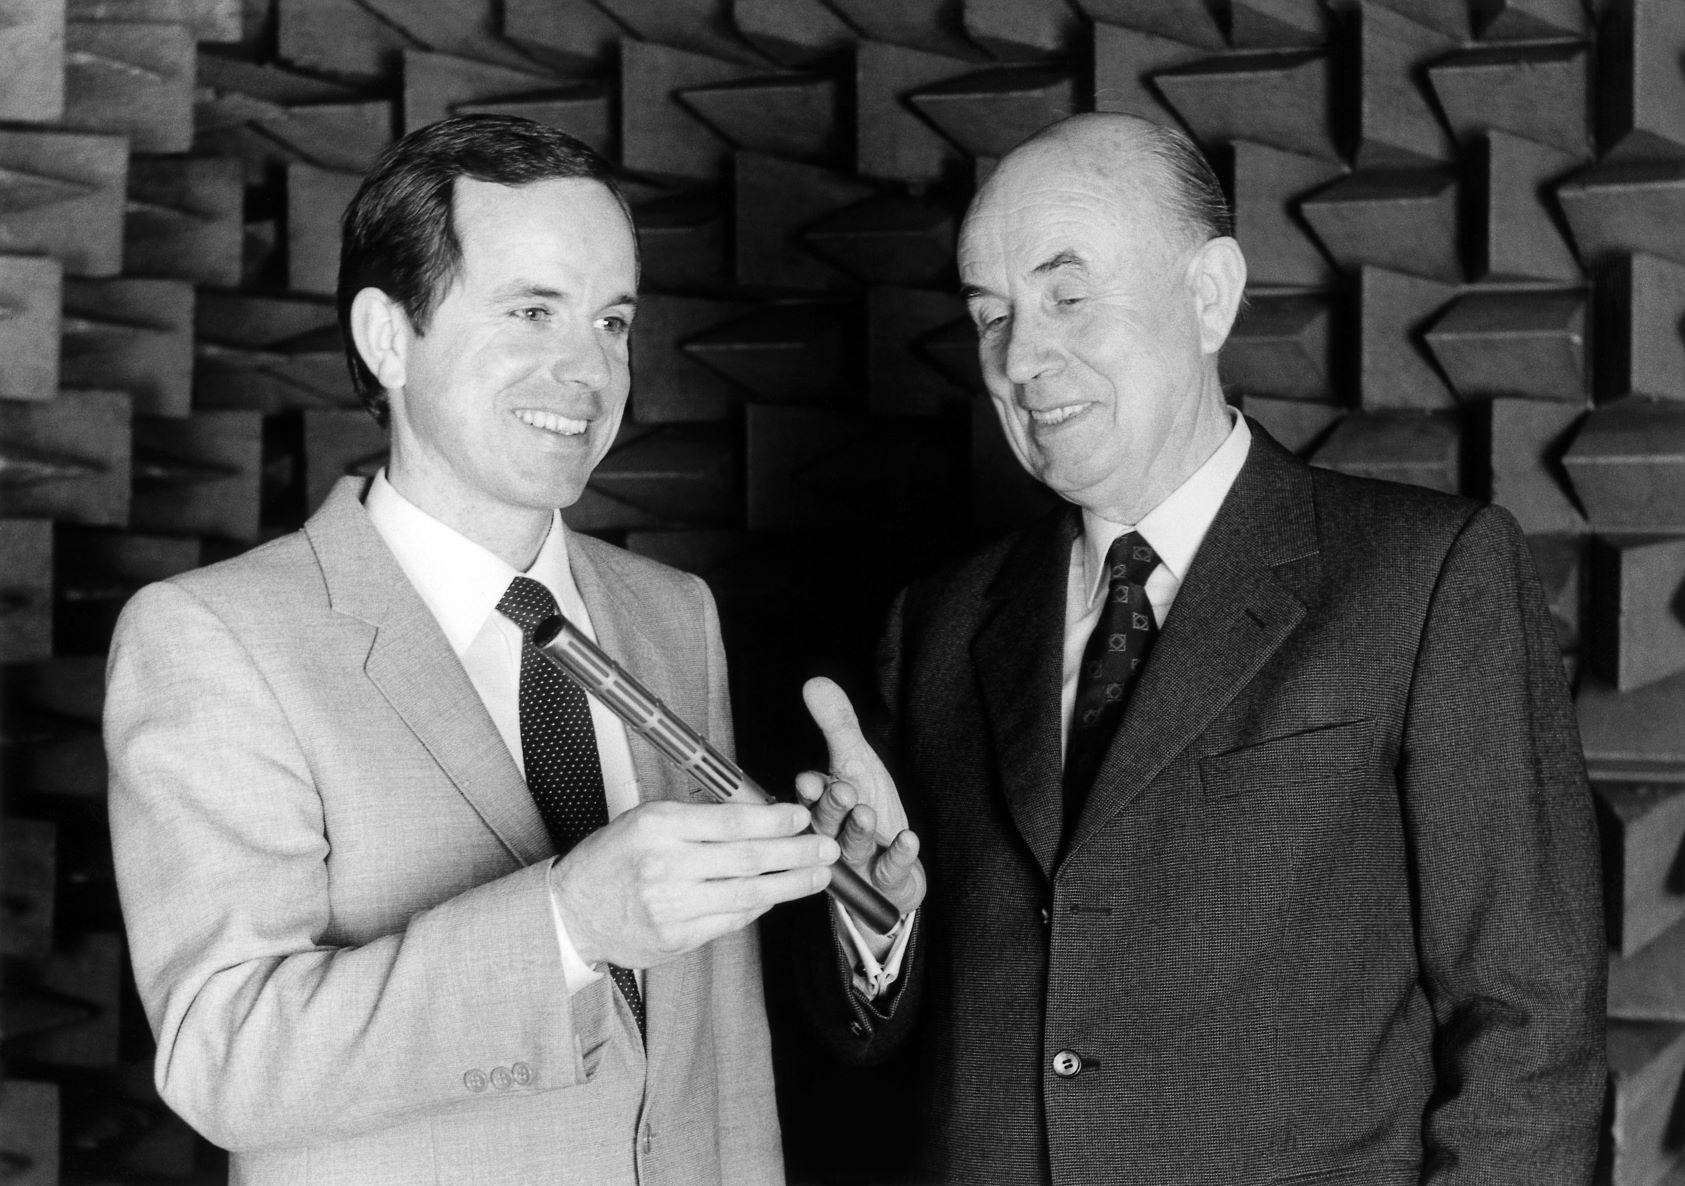 Joerg Sennheiser and Fritz Sennheiser in 1982